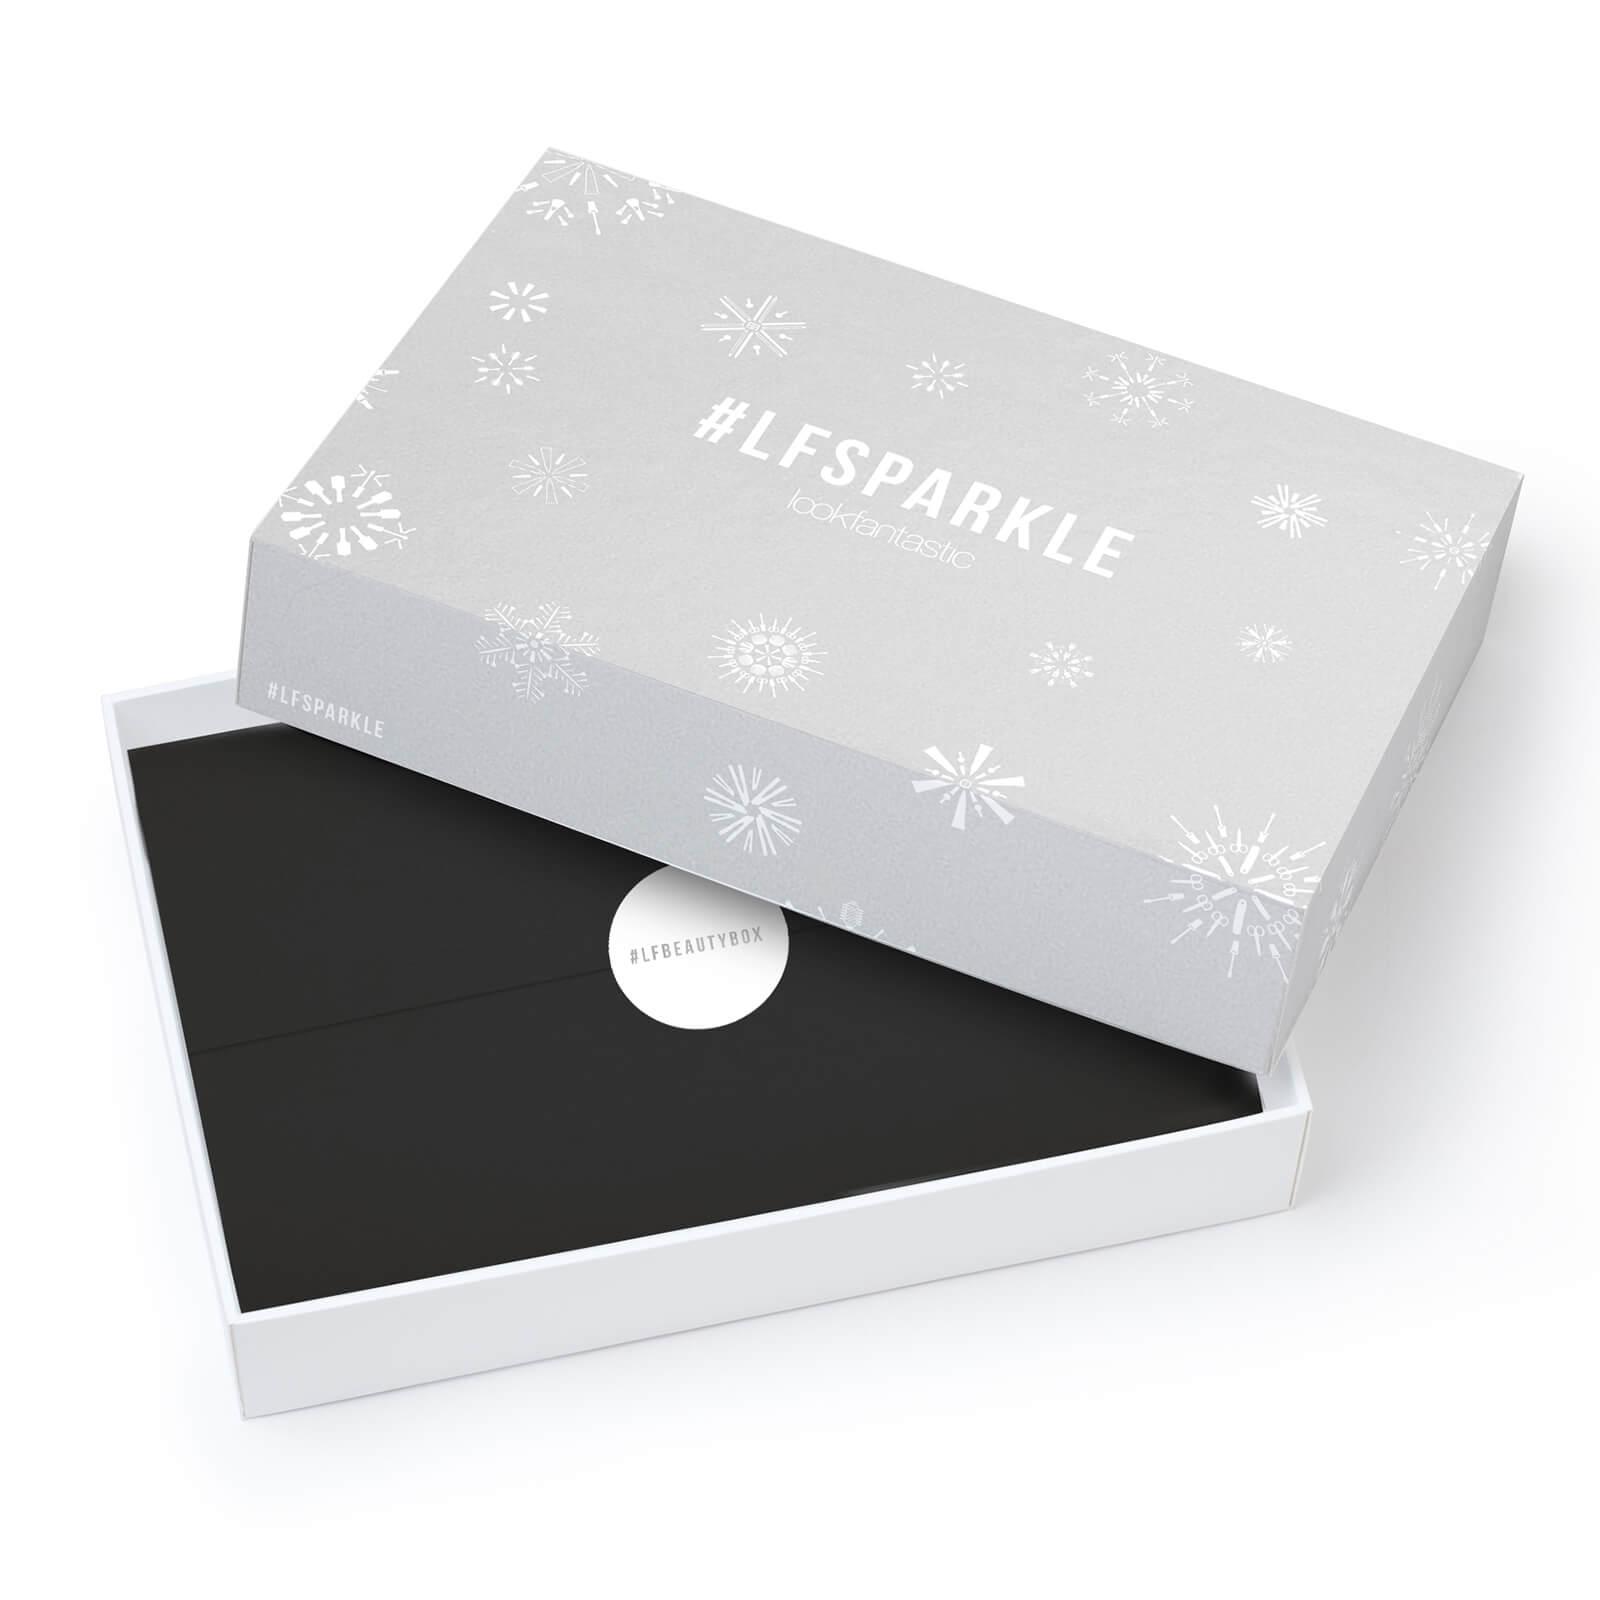 LOOKFANTASTIC Beauty Box Novembre 2016